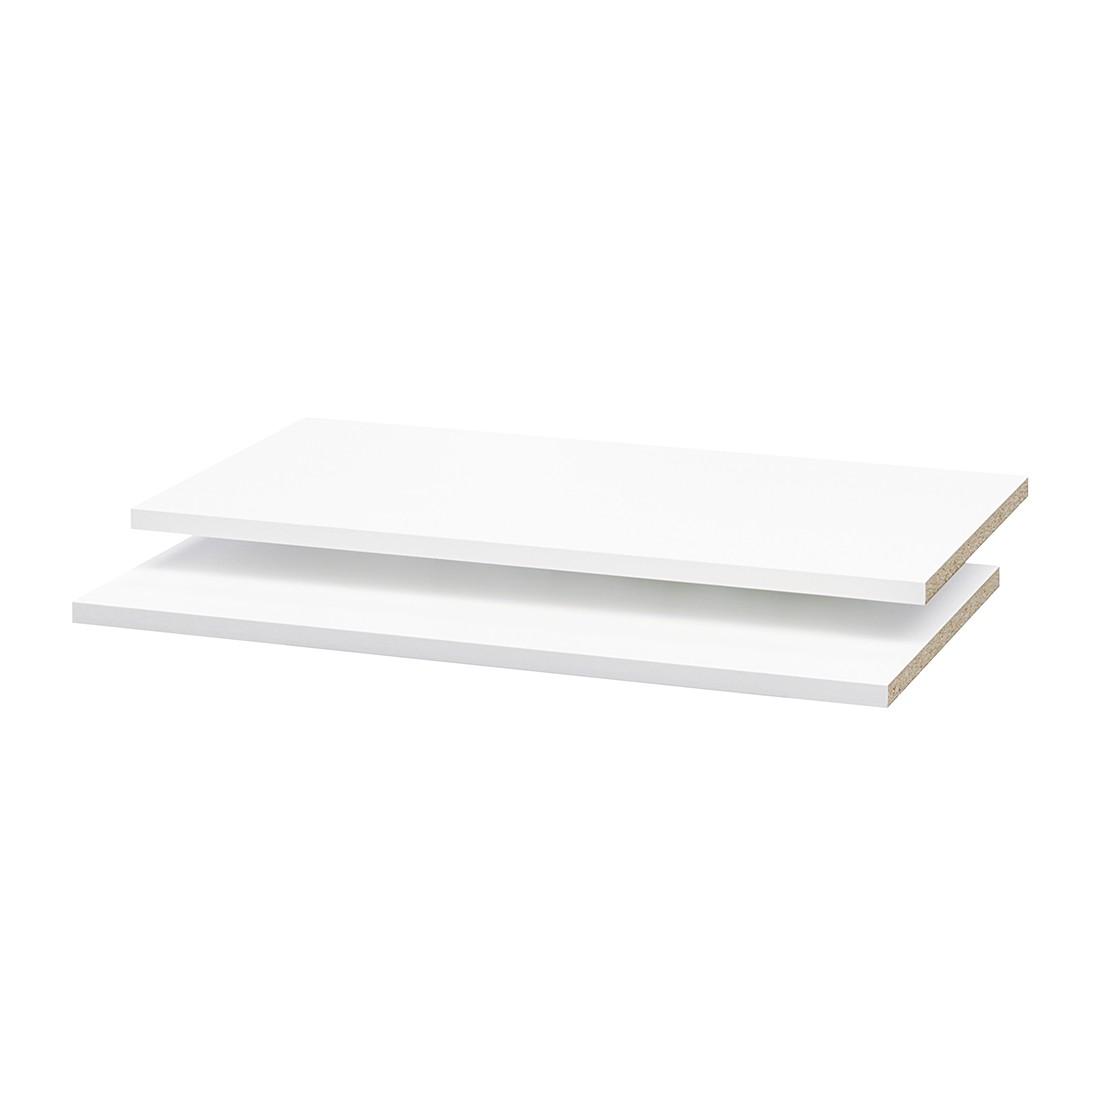 goedkoop Inlegplanken Soft Smart I 2 delige set wit 150cm breed 42cm diep Cs Schmal